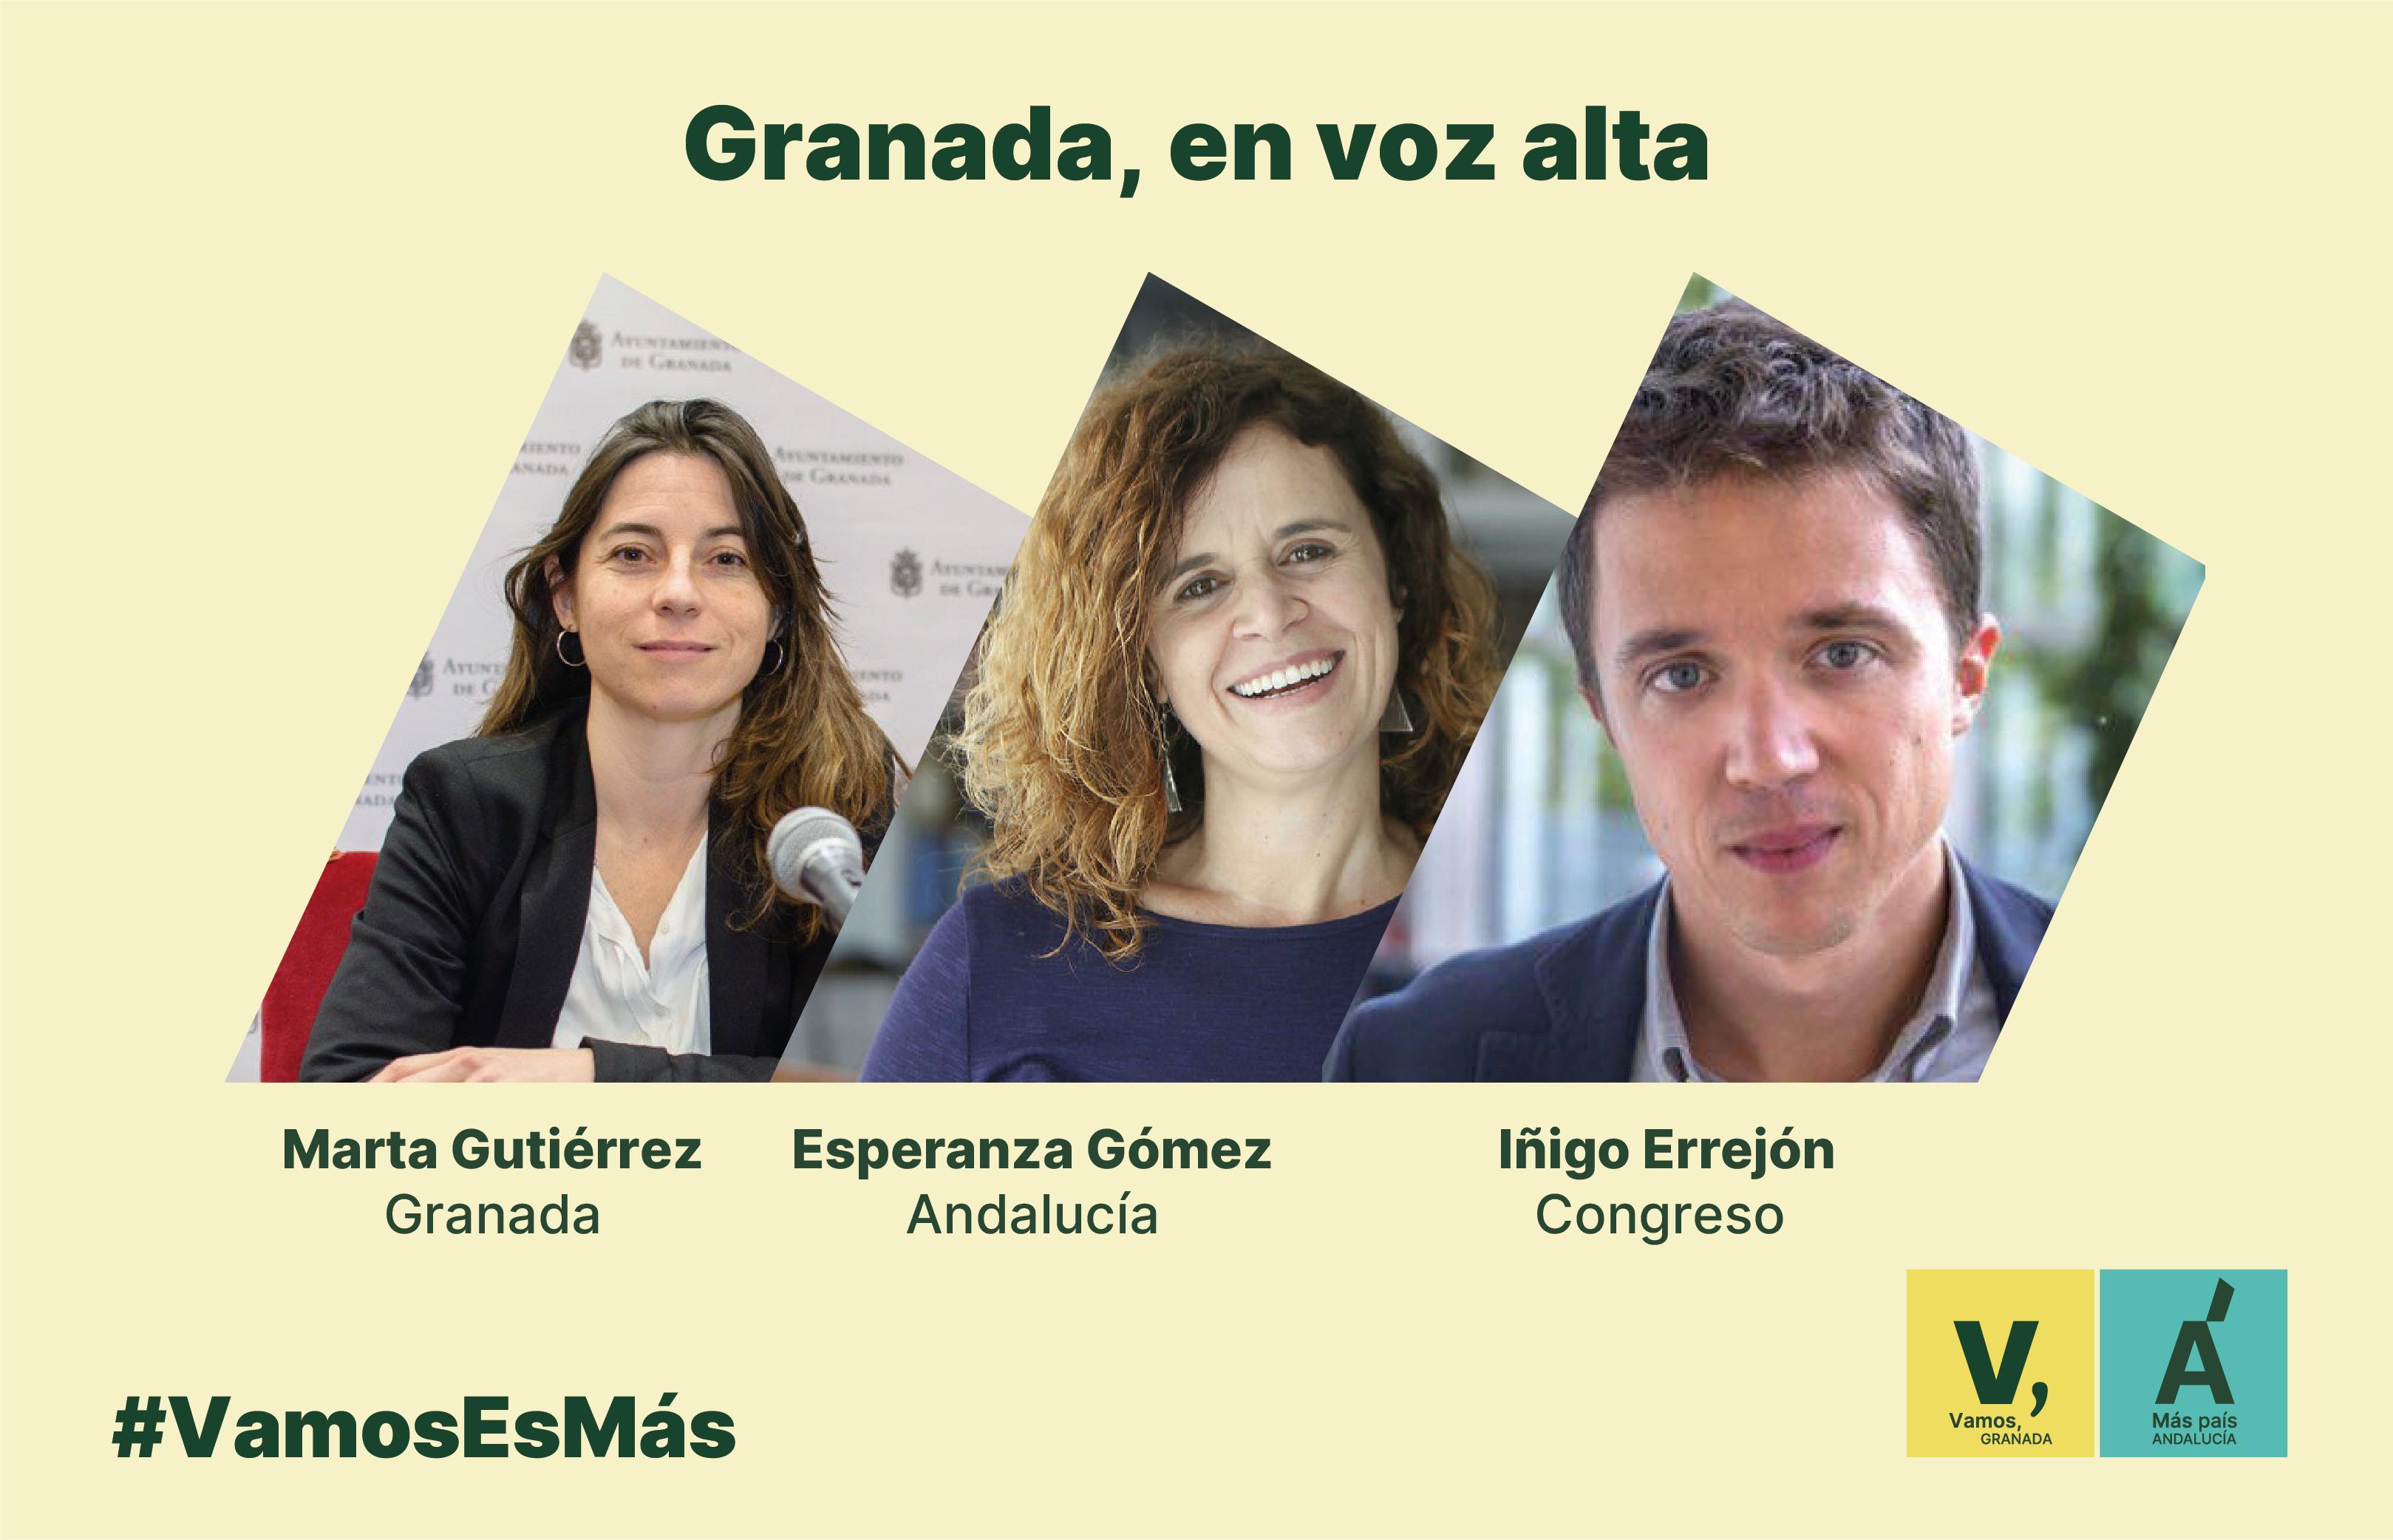 Vamos Granada y Más País Andalucía unen sus fuerzas en la capital